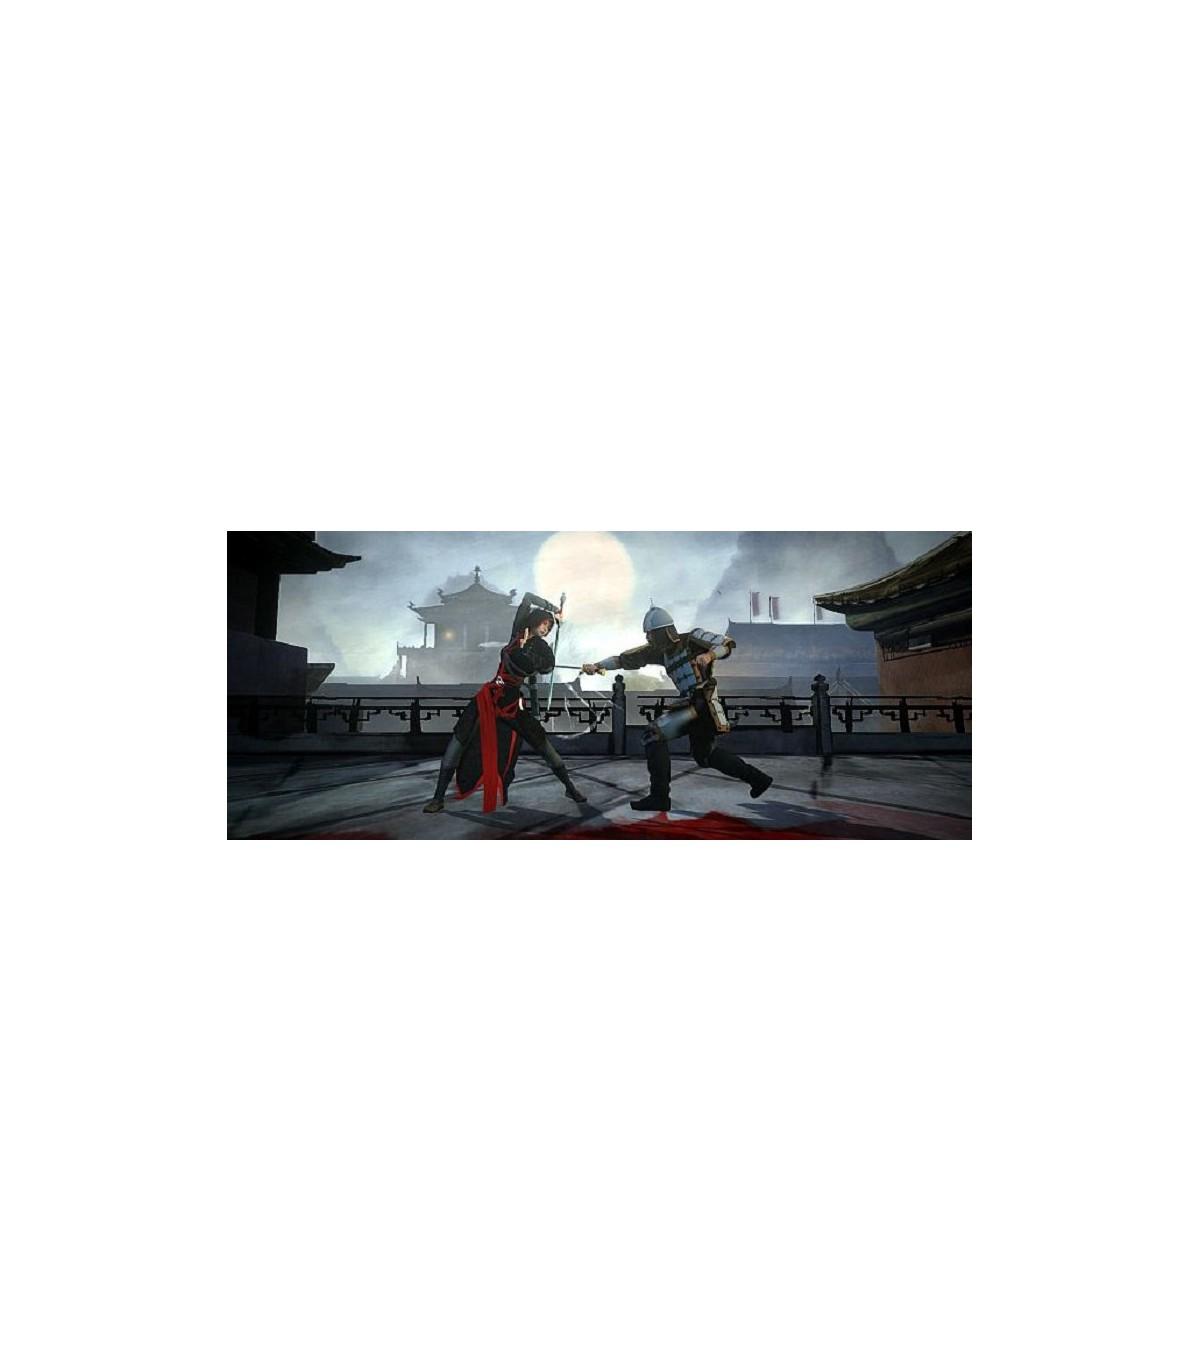 بازی Assassin's Creed Chronicles - پلی استیشن 4